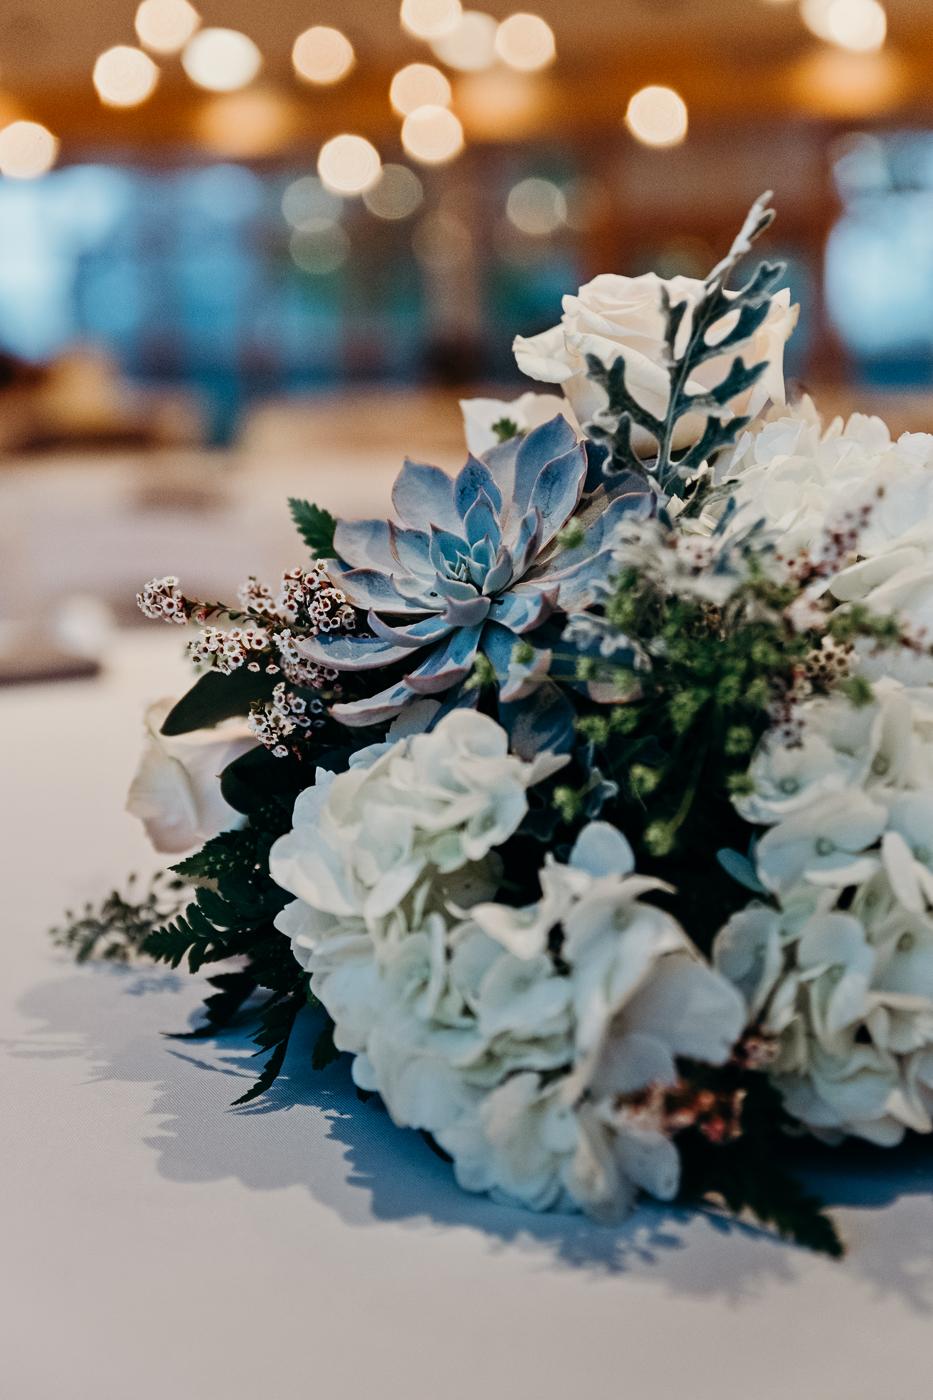 Wedding centerpiece bouquet